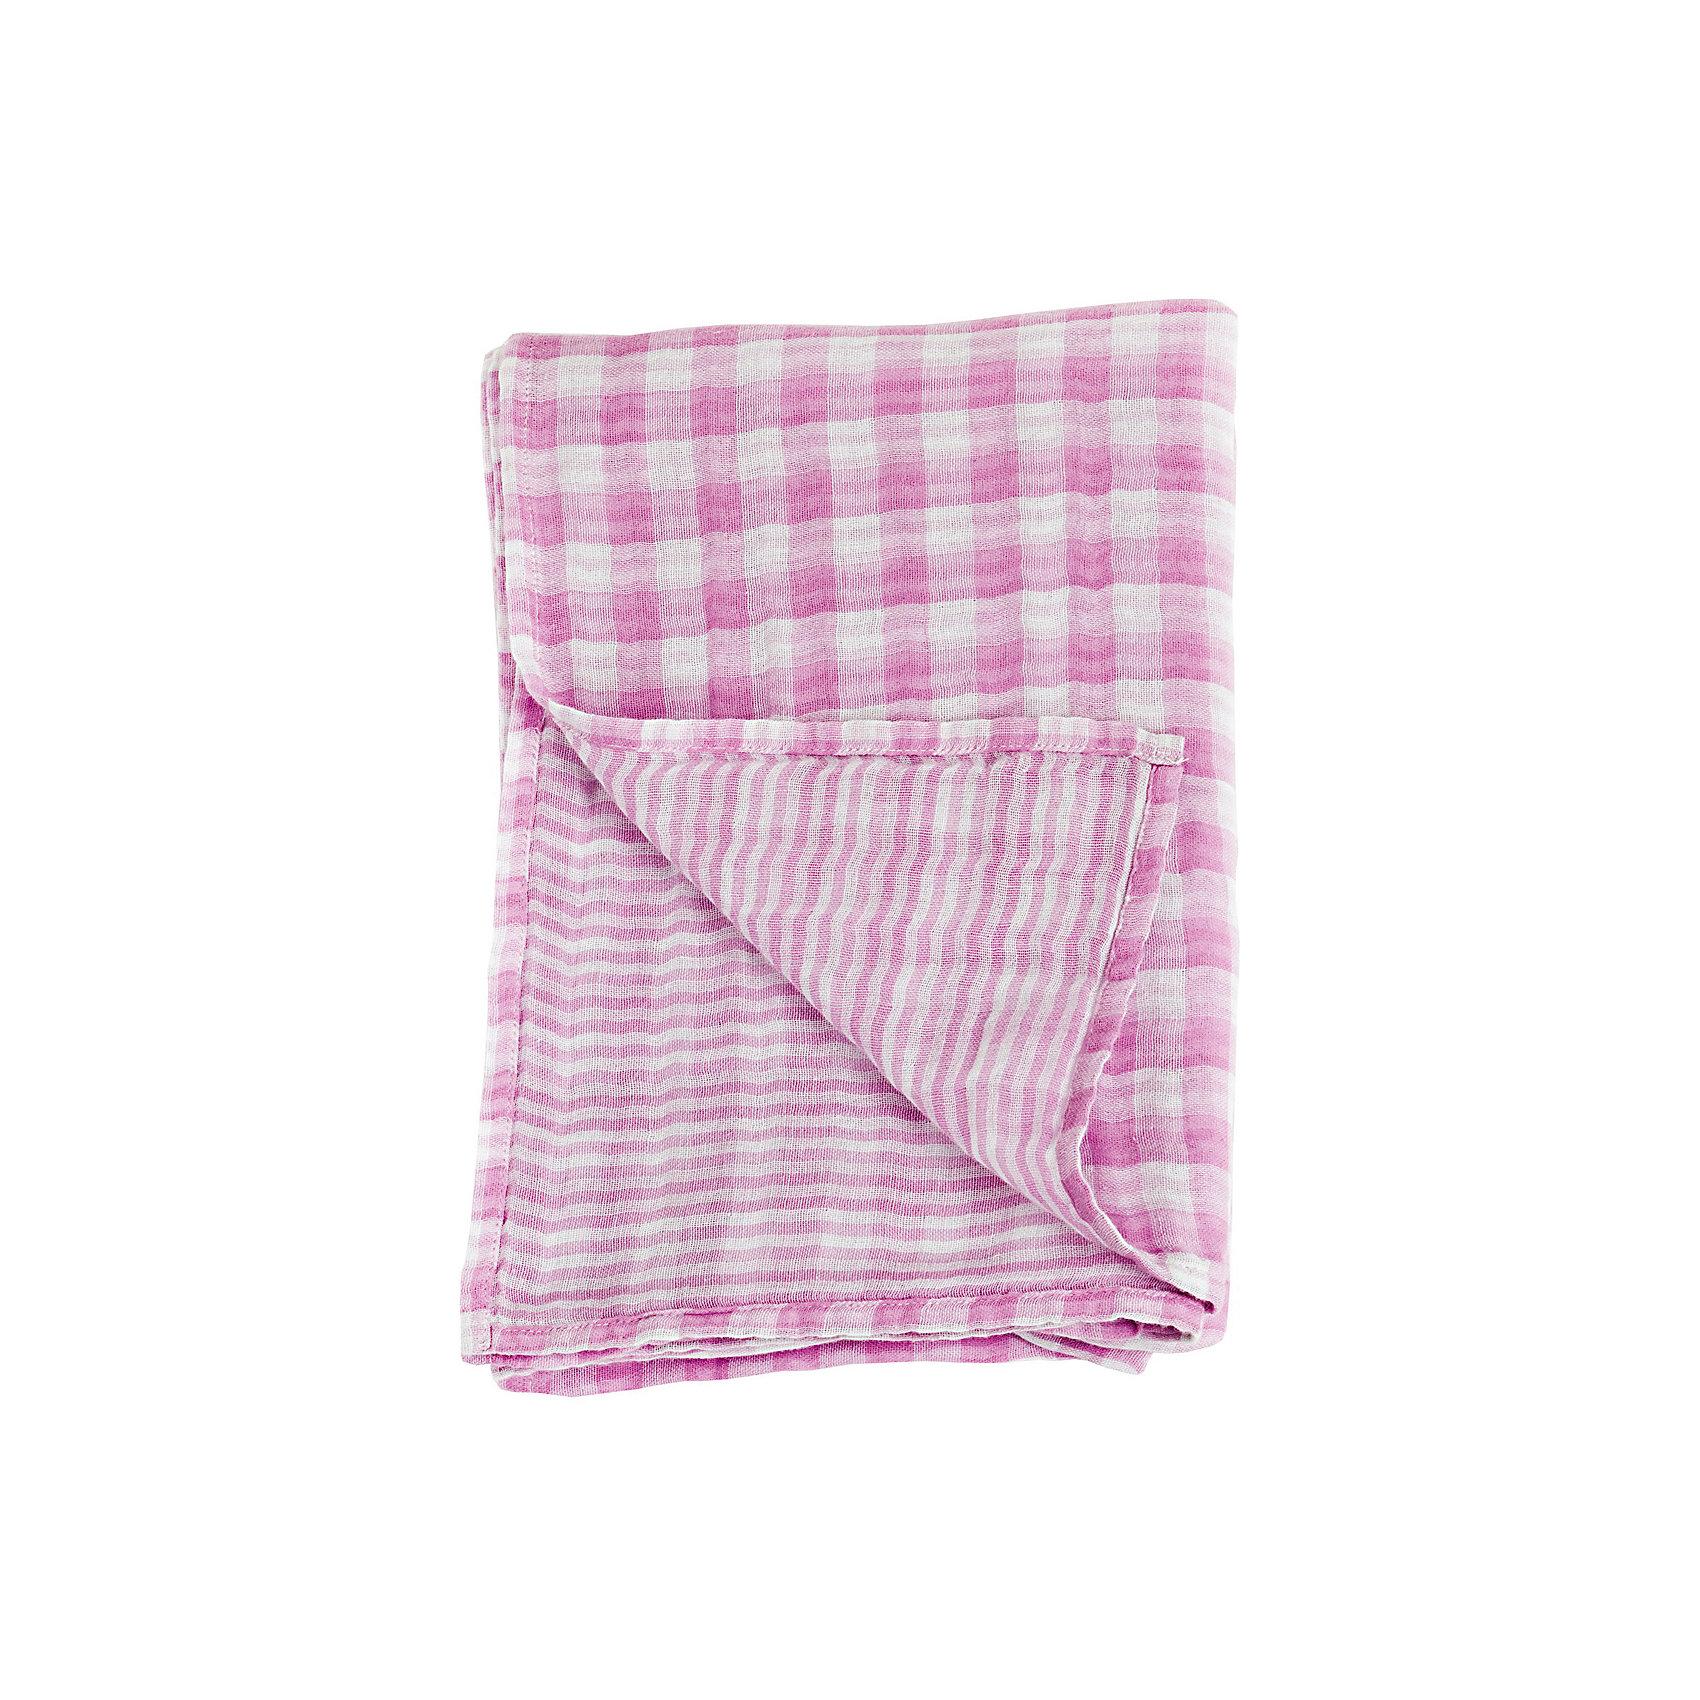 Муслиновая пелёнка двусторонняя 120х120, Lulujo, Passion PinkМуслиновая пелёнка двусторонняя 120х120, Lulujo, Passion Pink это двухсторонние мягкие пеленки большого размера предназначенные как для пеленания, так и покрывала или использования в качестве обычных простыней. Приятные розовые клетка и полоски на нейтральном белом фоне помогут создать атмосферу уюта в комнате малыша. Хлопковый муслин обеспечит малышу комфорт и тепло, материал отлично пропускает вохдух, с этой тканью кожа ребенка дышит.<br>Дополнительная информация:<br><br>- В комплект входит: 1 пеленка<br>- Тип ткани: Муслин<br>- Состав: 100% хлопок <br>- Размер: 120 * 120 см. <br>- Cтирка: машинная, 40 градусов<br><br>Муслиновую пелёнку двустороннюю 120х120, Lulujo, Passion Pink можно купить в нашем интернет-магазине.<br>Подробнее:<br>• Для детей в возрасте: от 0 лет<br>• Номер товара: 4976064<br>Страна производитель: Турция<br><br>Ширина мм: 100<br>Глубина мм: 55<br>Высота мм: 240<br>Вес г: 188<br>Возраст от месяцев: 0<br>Возраст до месяцев: 36<br>Пол: Унисекс<br>Возраст: Детский<br>SKU: 4976064